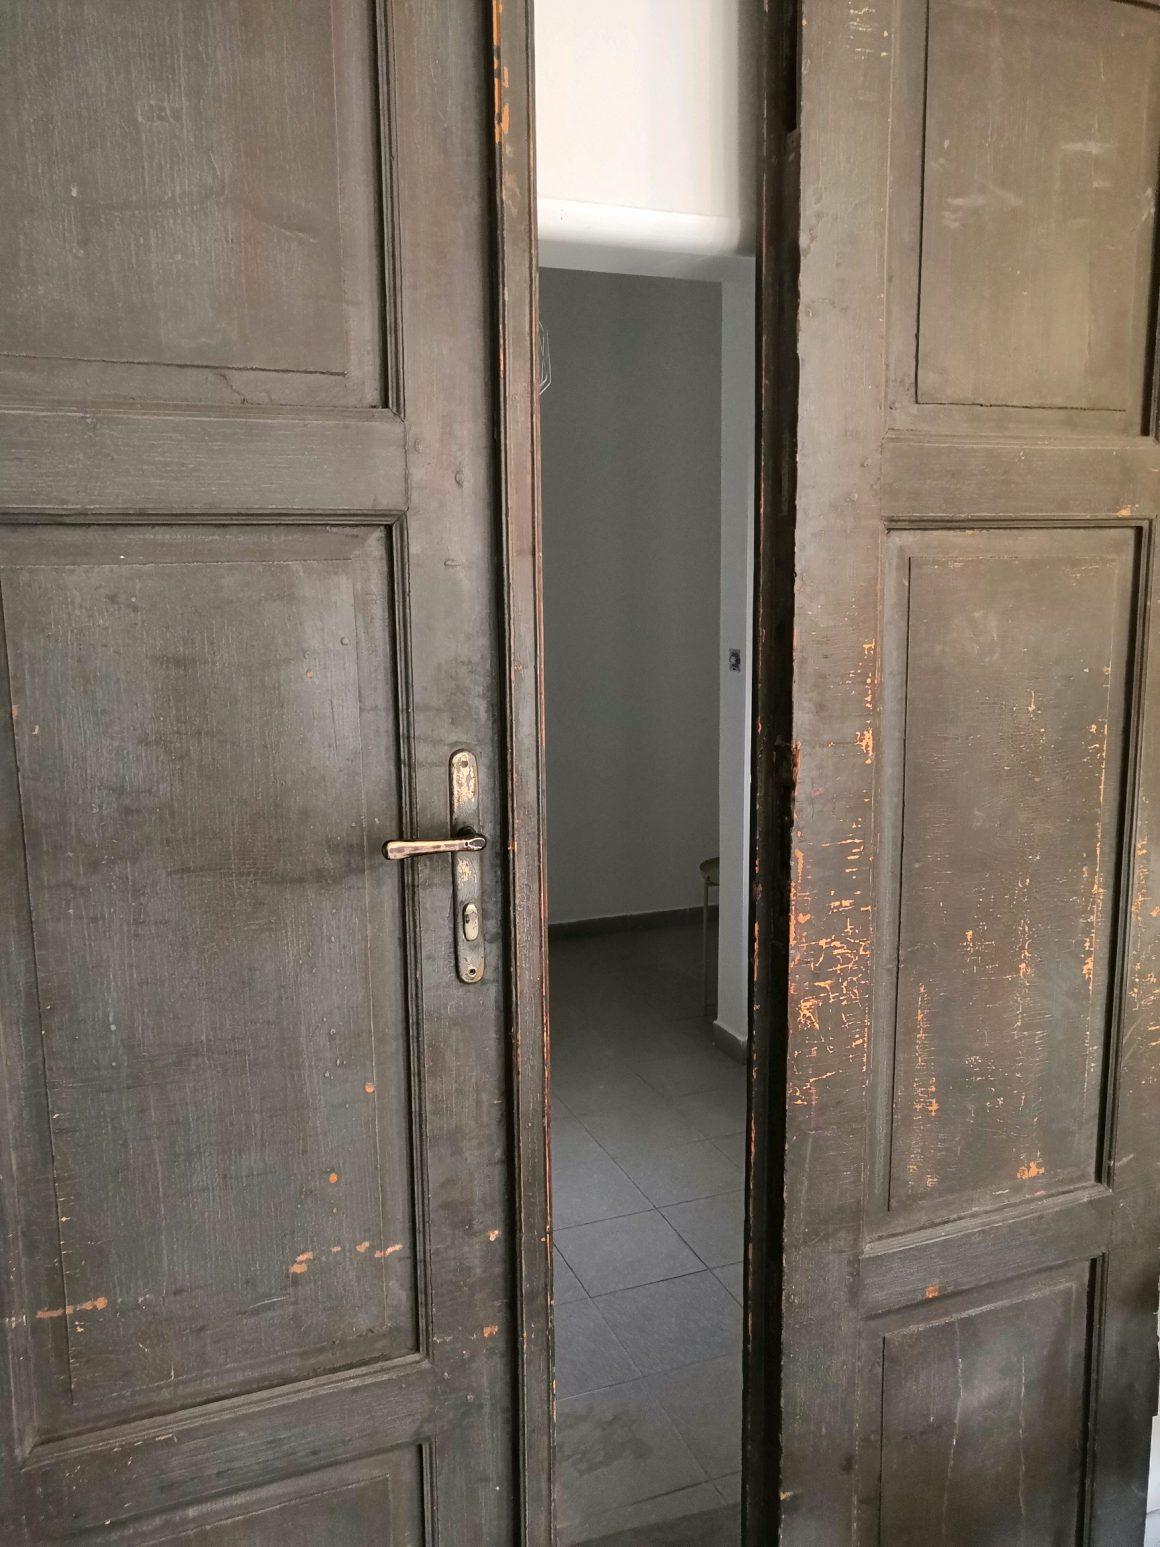 Den otevřených dveří 14. 10. 2020